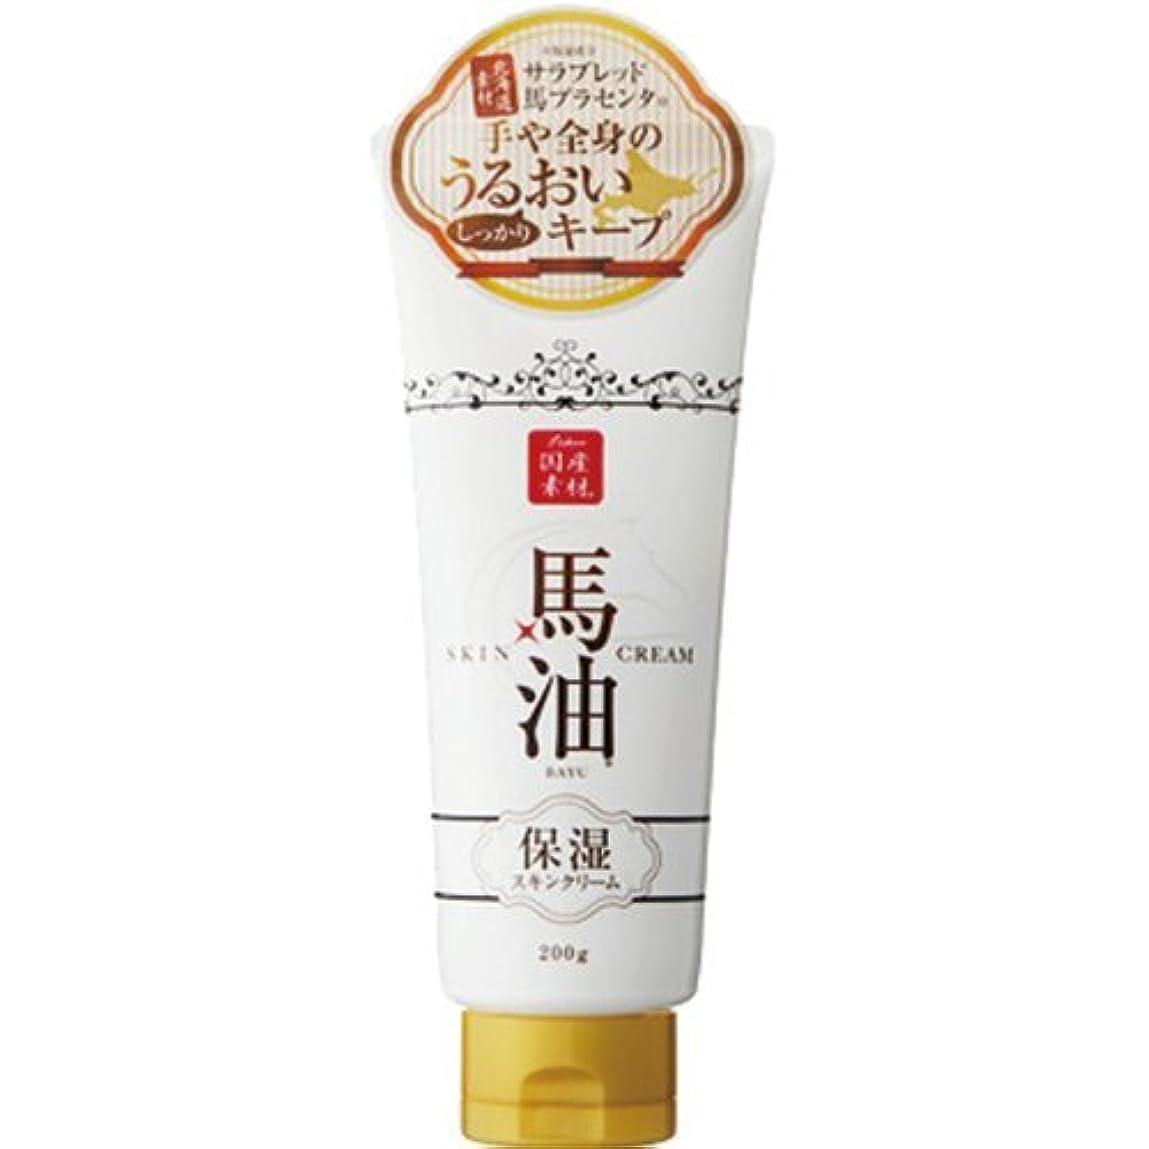 マントクランプ酸リシャン 馬油 保湿 スキン クリーム さくらの香り 200g